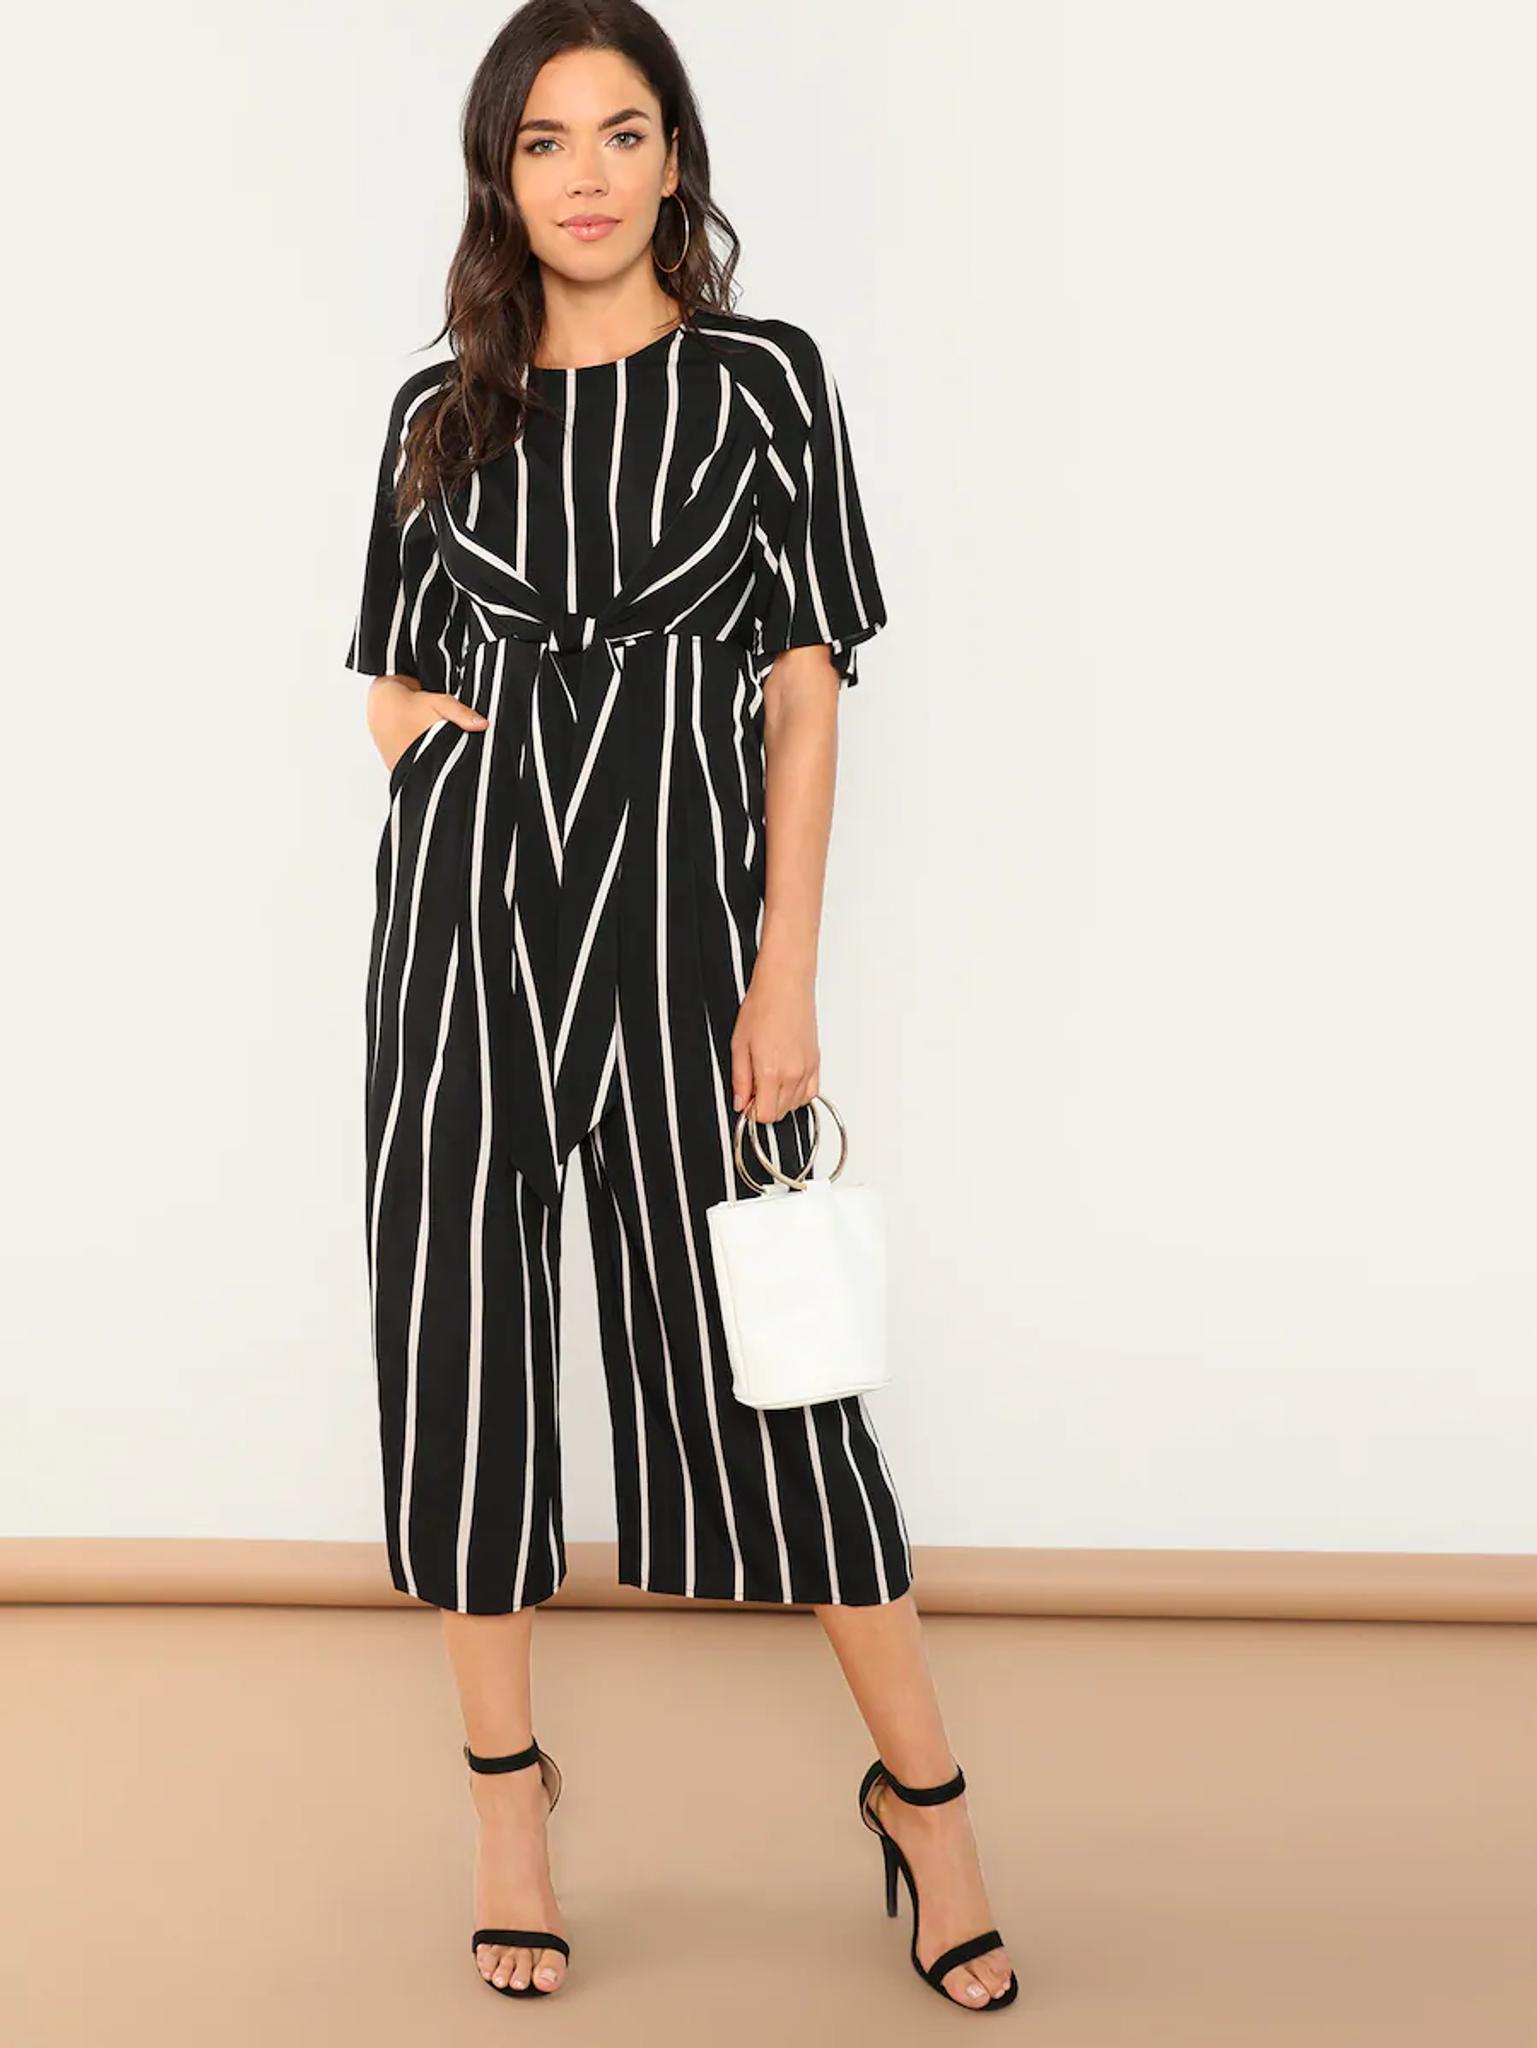 Fifth Avenue Women's JMS30 Striped Print Cotton Jumpsuit - Black